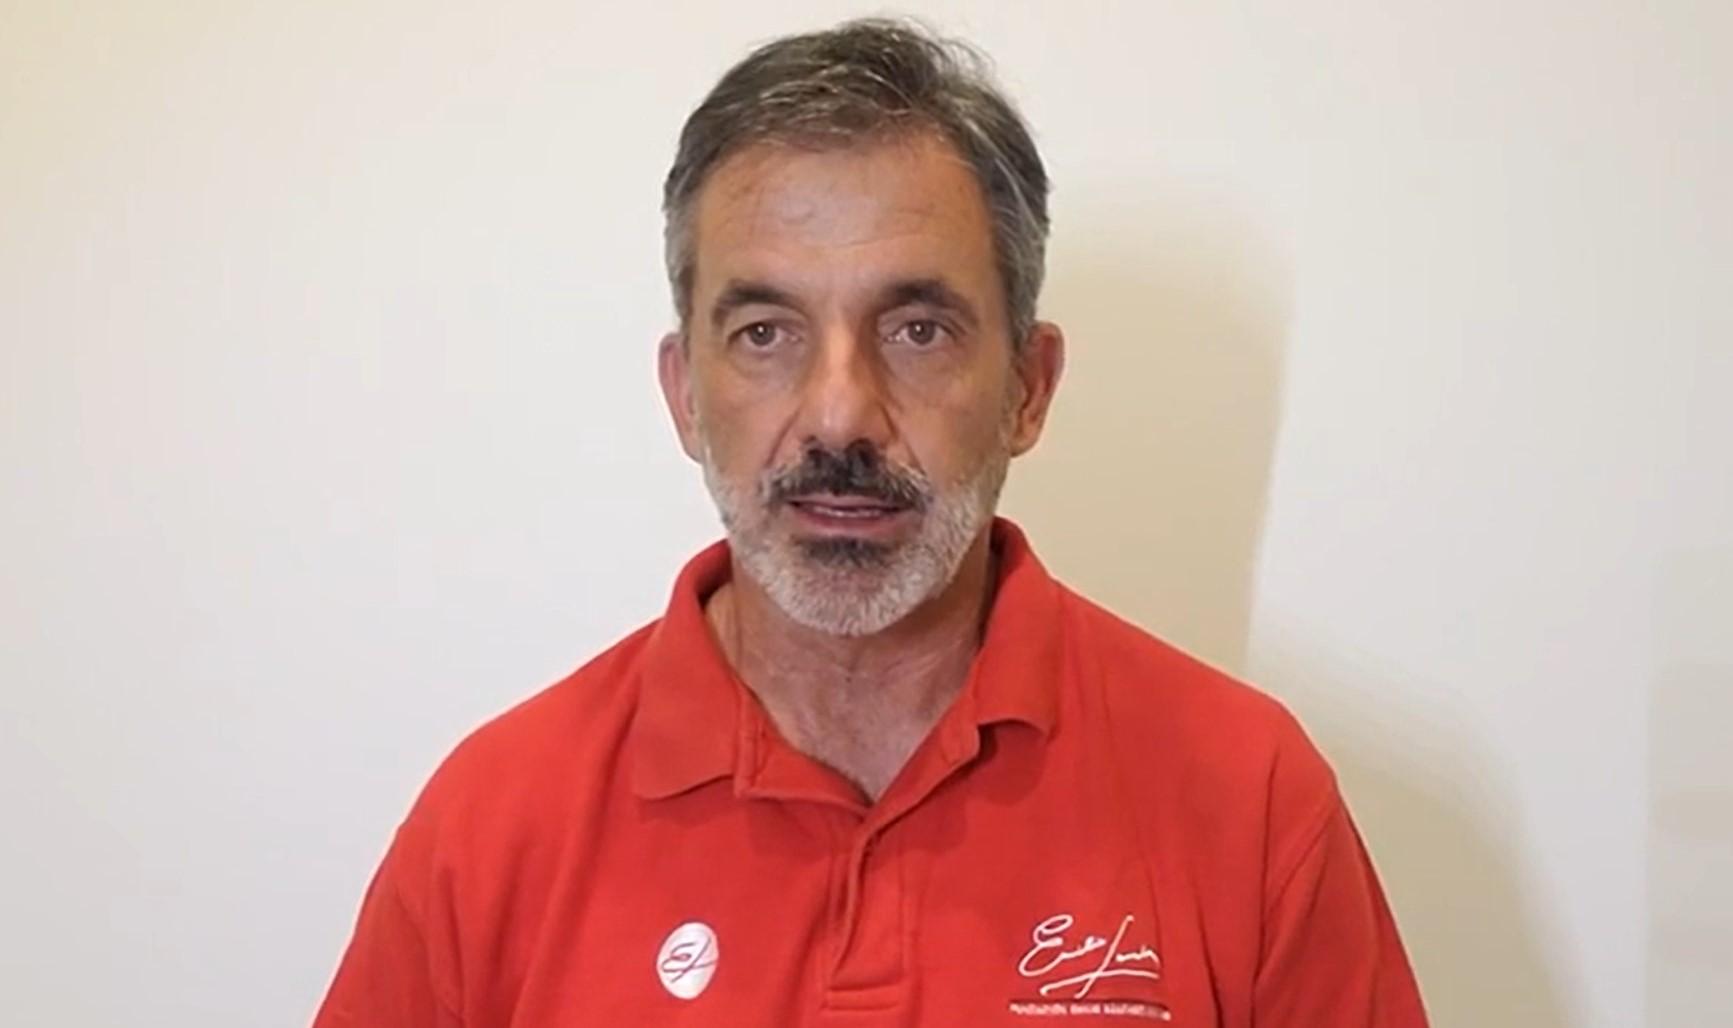 Image for Emilio Sánchez Vicario, Presidente de Honor de la FESV, se suma a la campaña de crowfunding para la realización y compra de material sanitario del Club Santa Clara (Sevilla).